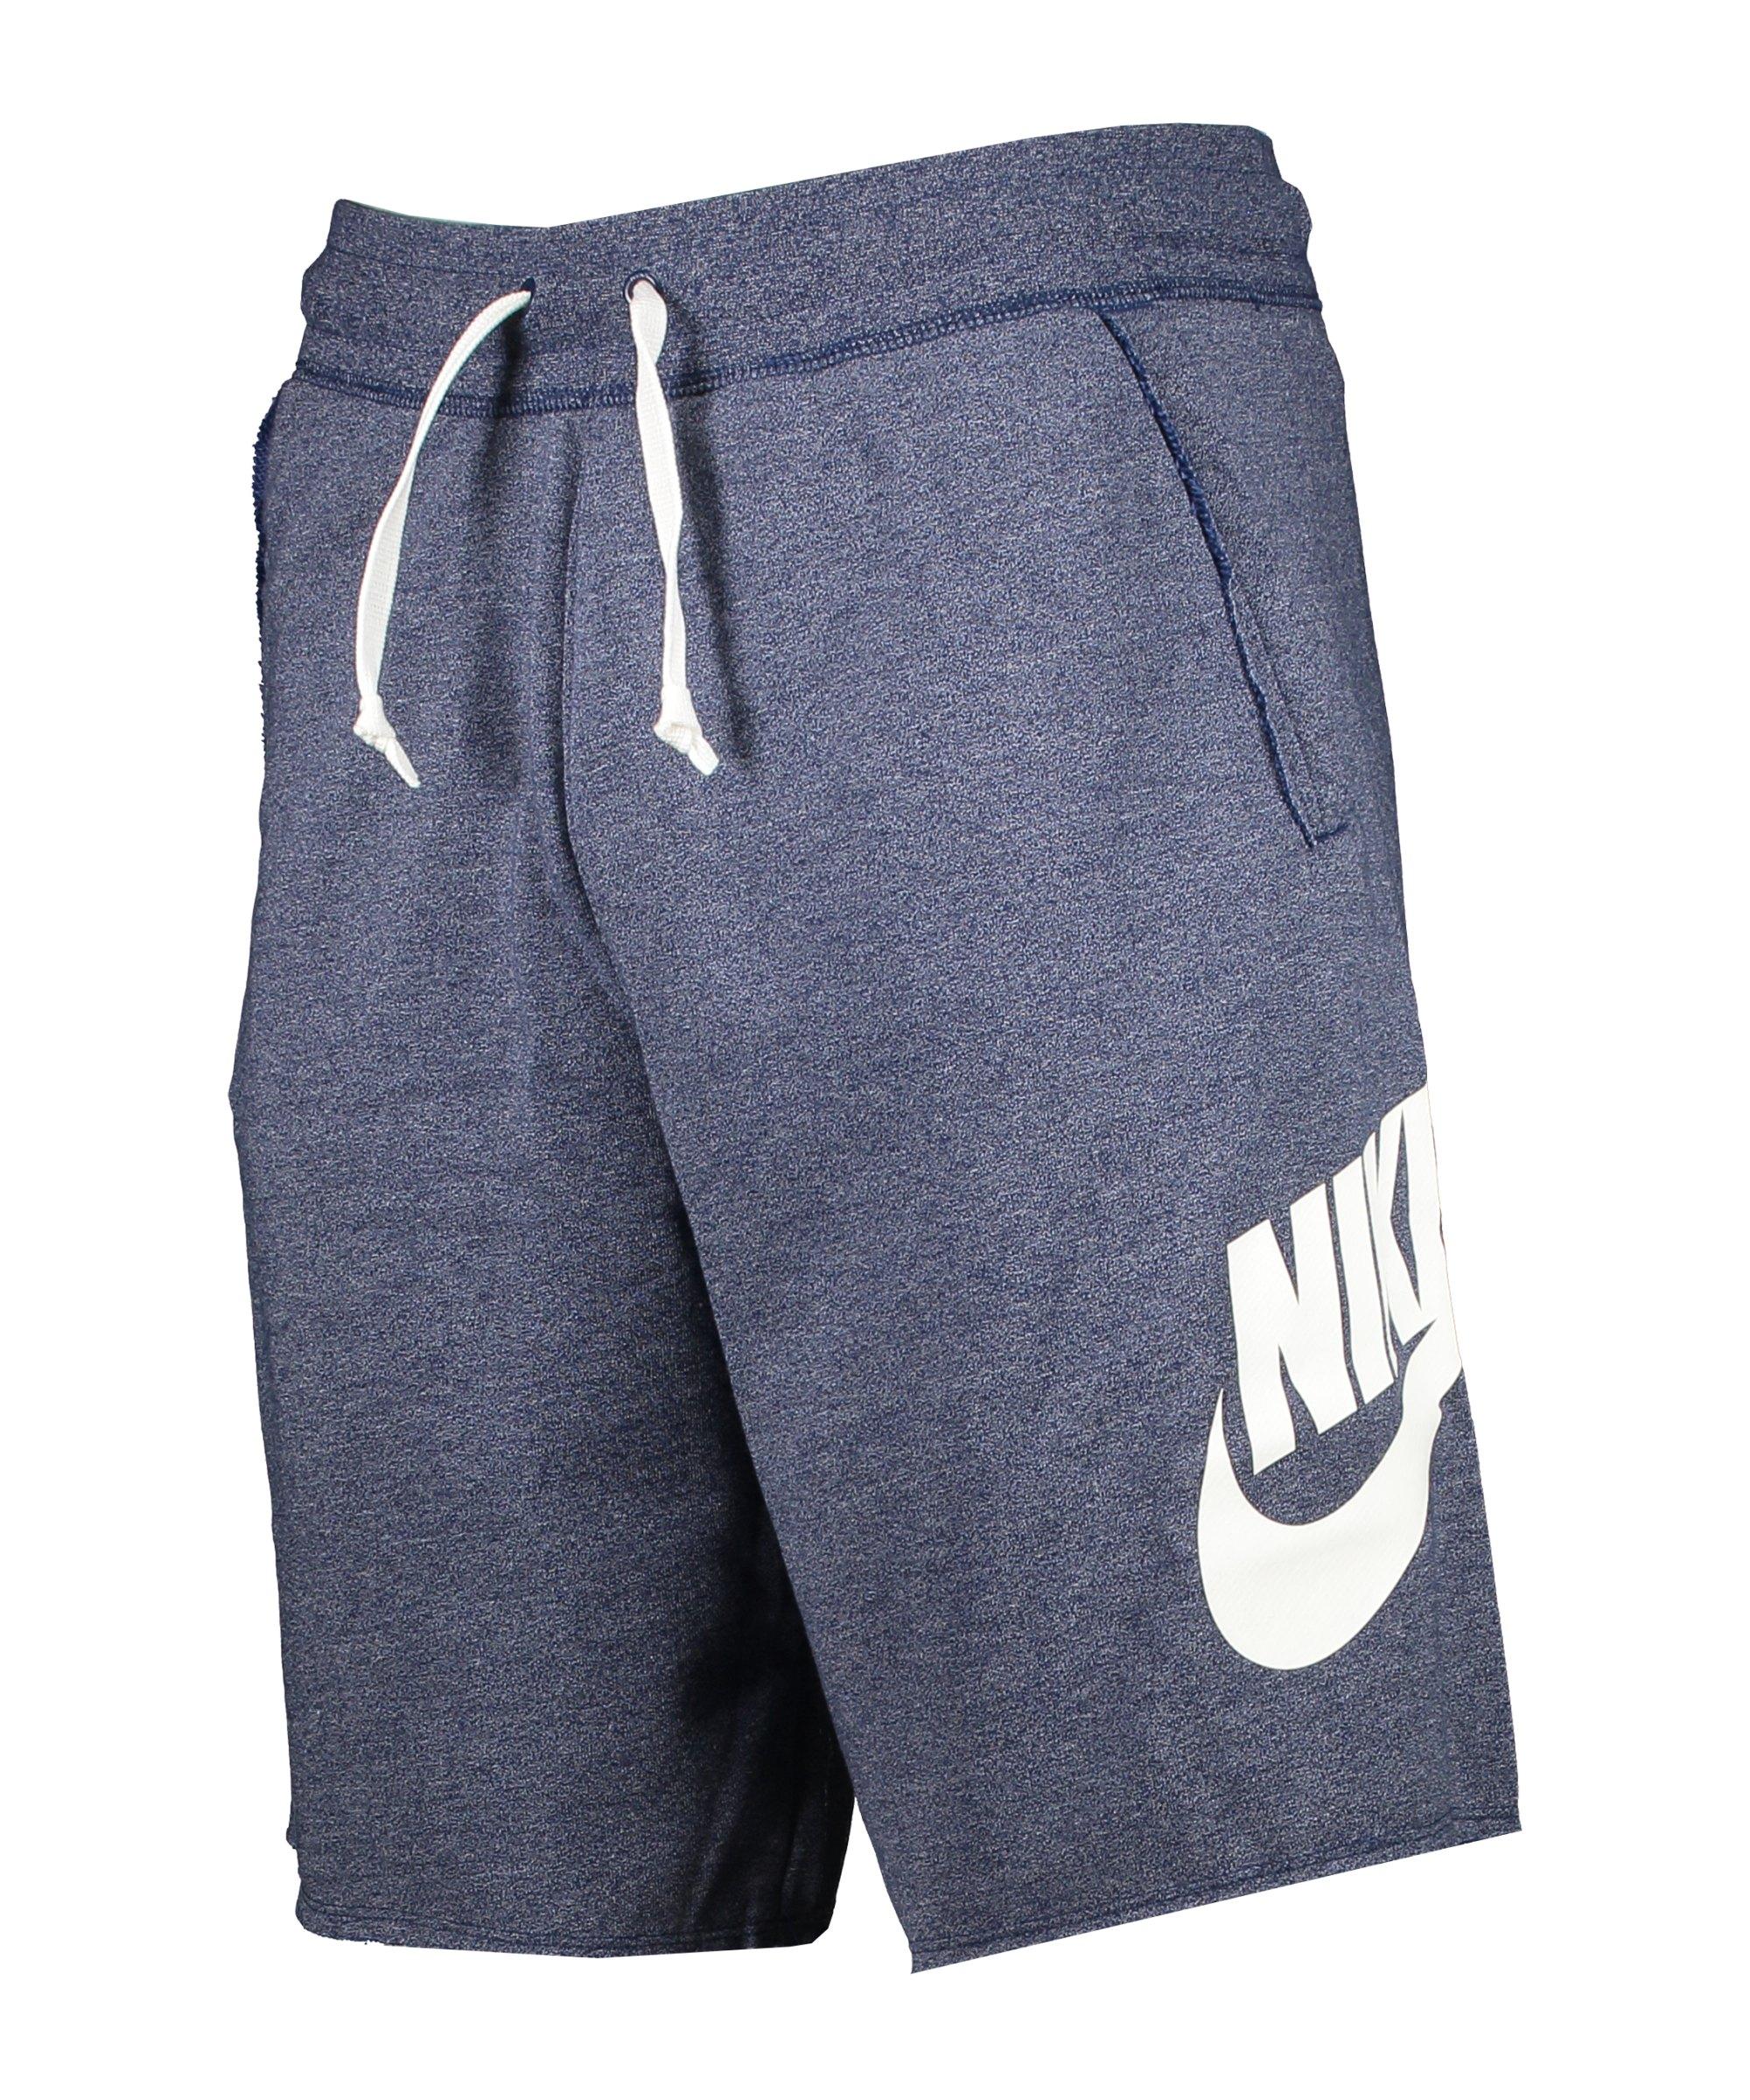 Nike Sportswear Alumni Short Blau F494 - blau